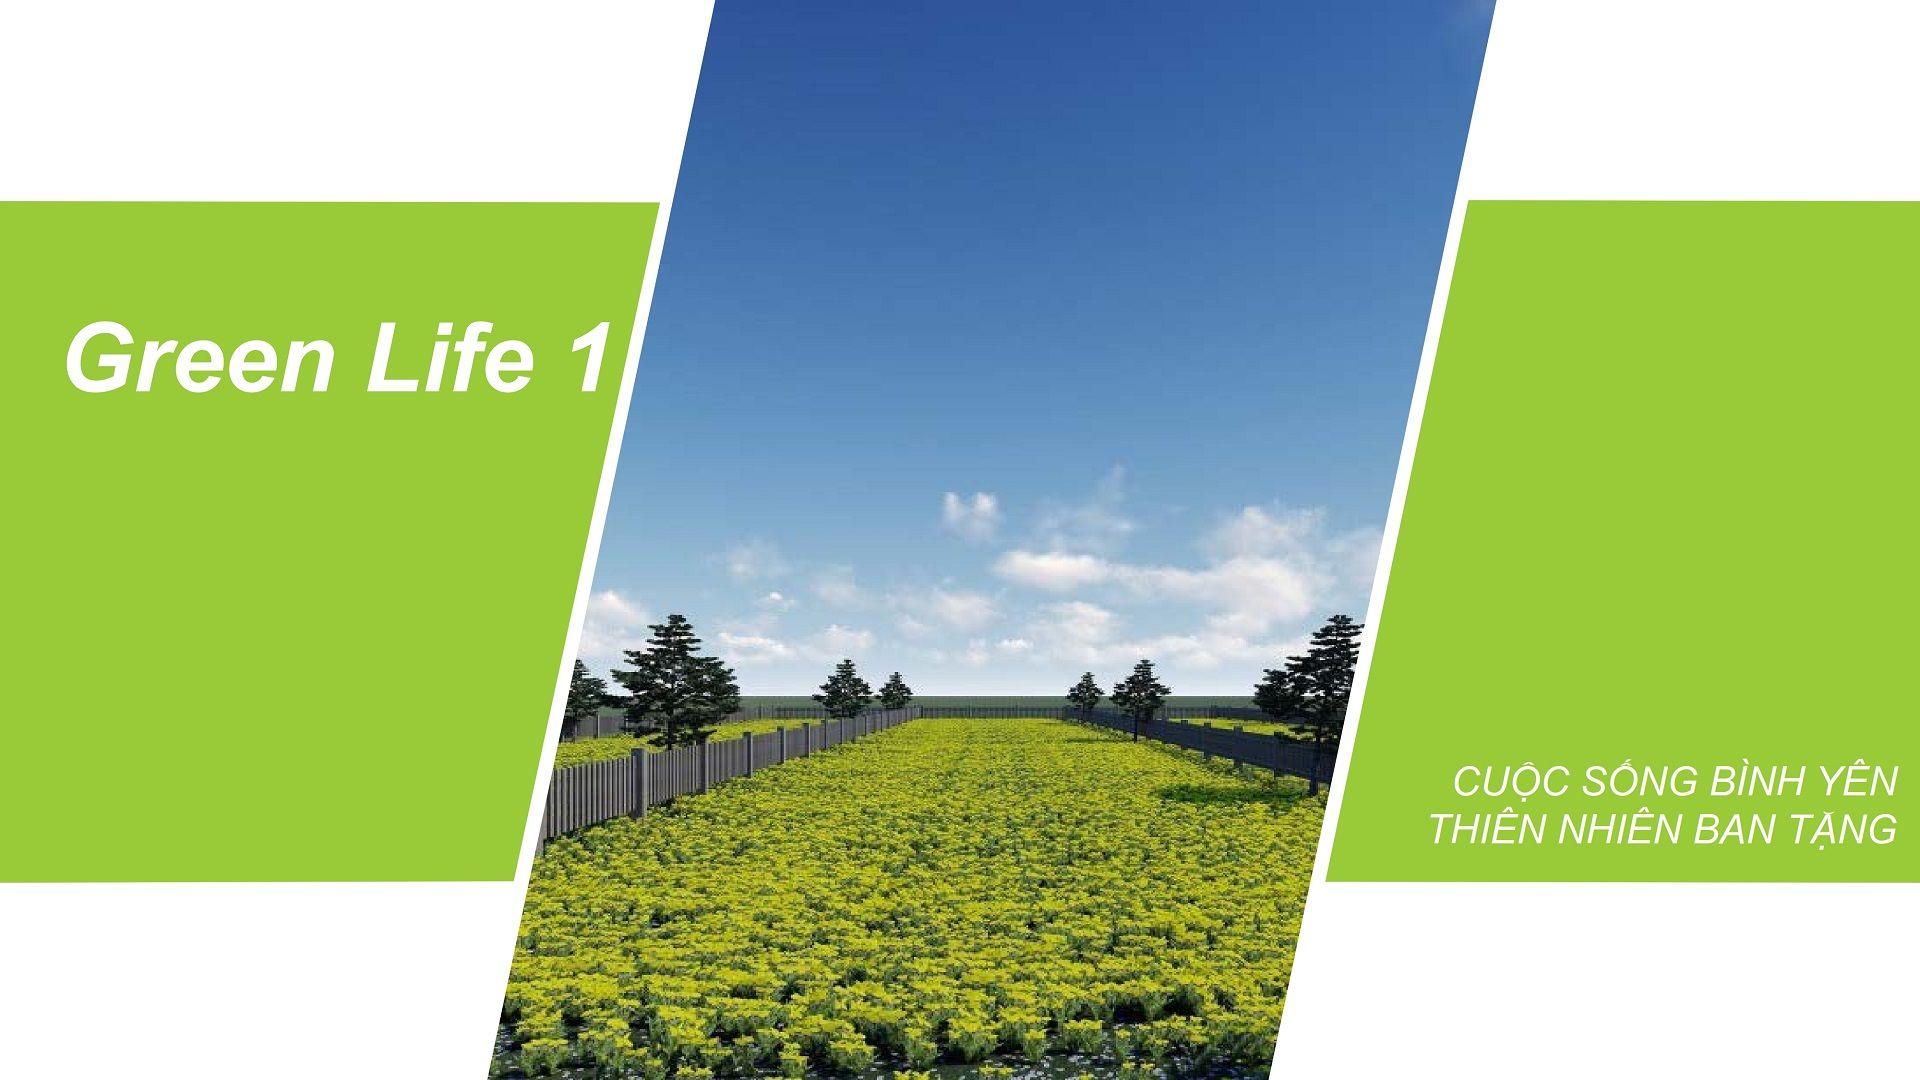 Giới thiệu sản phẩm - Green Life 1